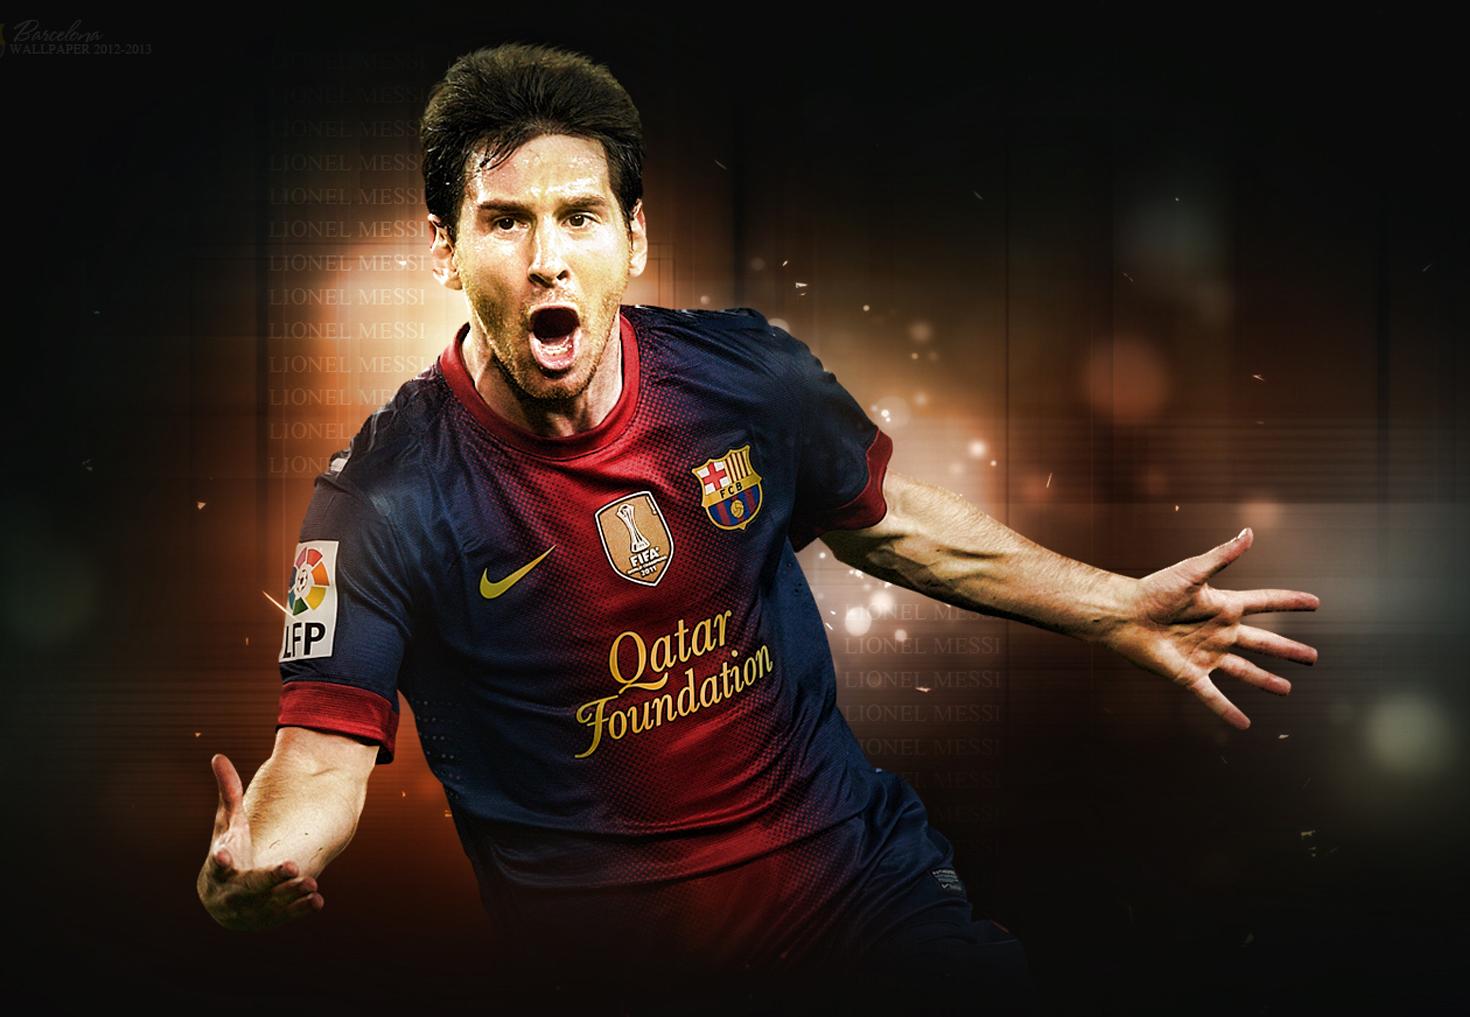 Lionel Messi Fresh HD Wallpaper 2013 All Sports Stars 1470x1017